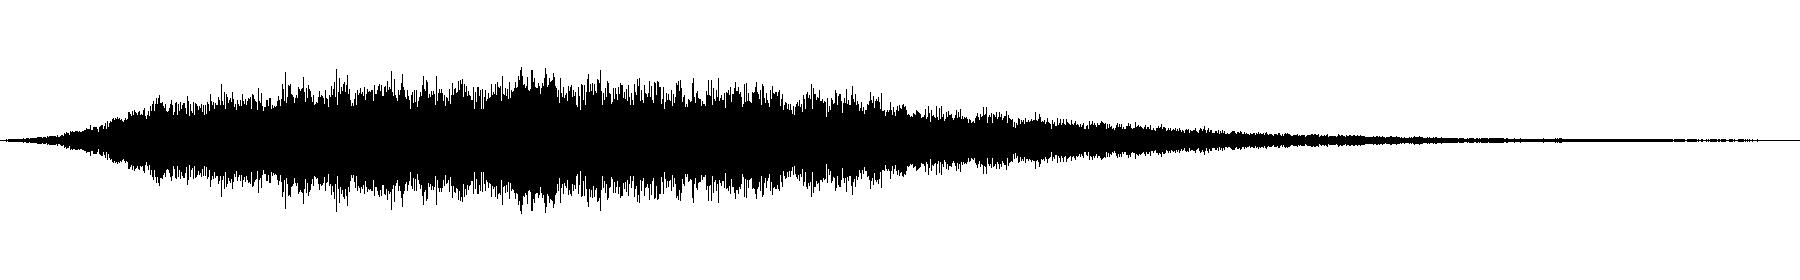 synth choir b6